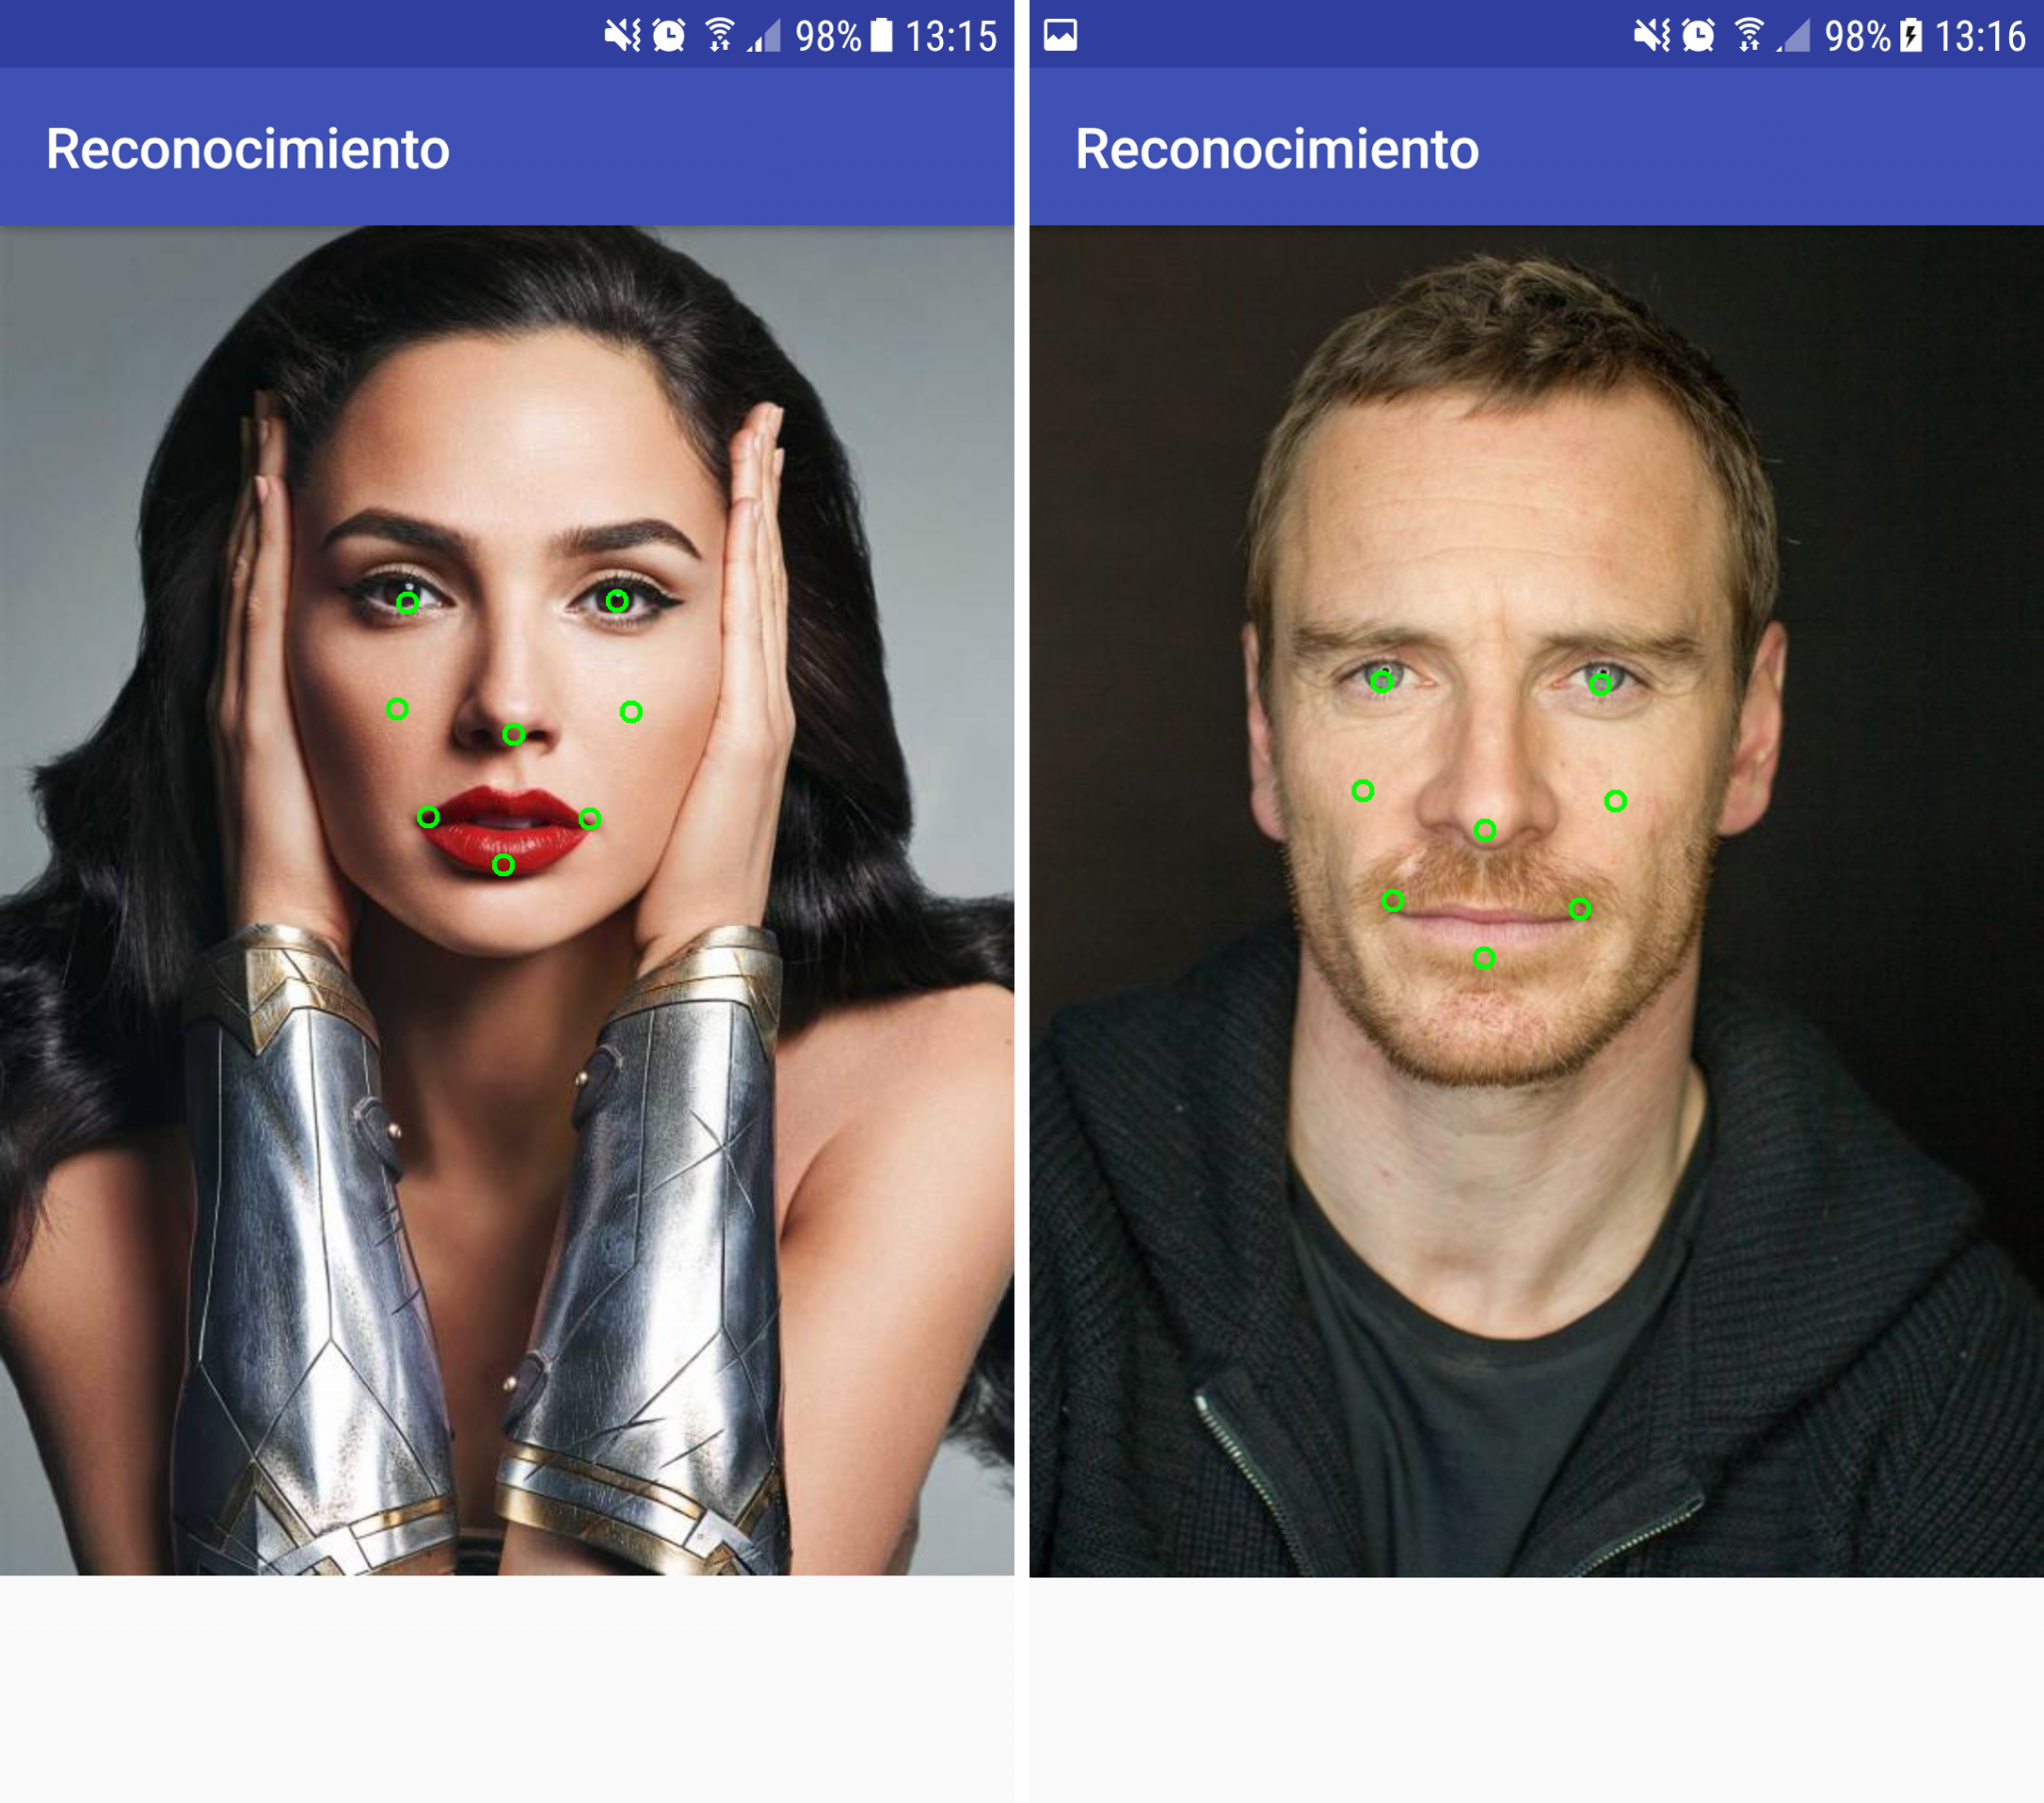 Marcas reconocimiento facial